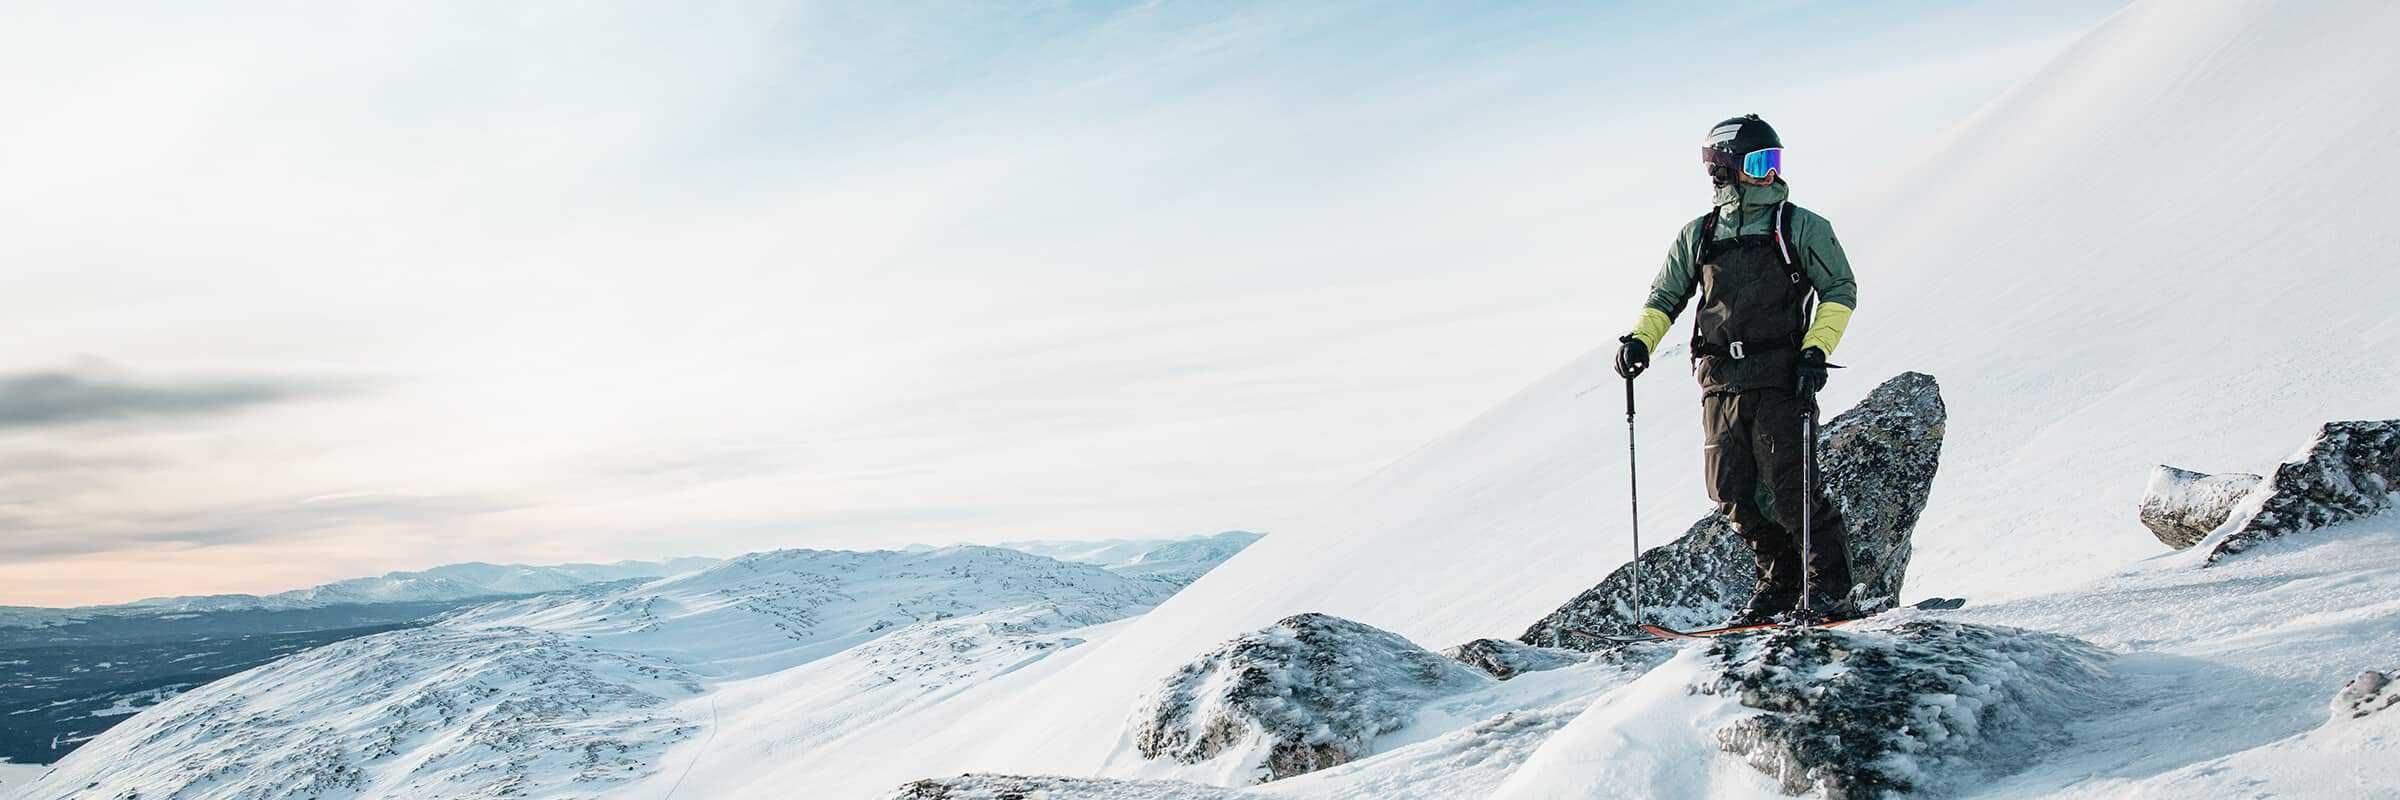 Les meilleurs manteaux de ski de 2021